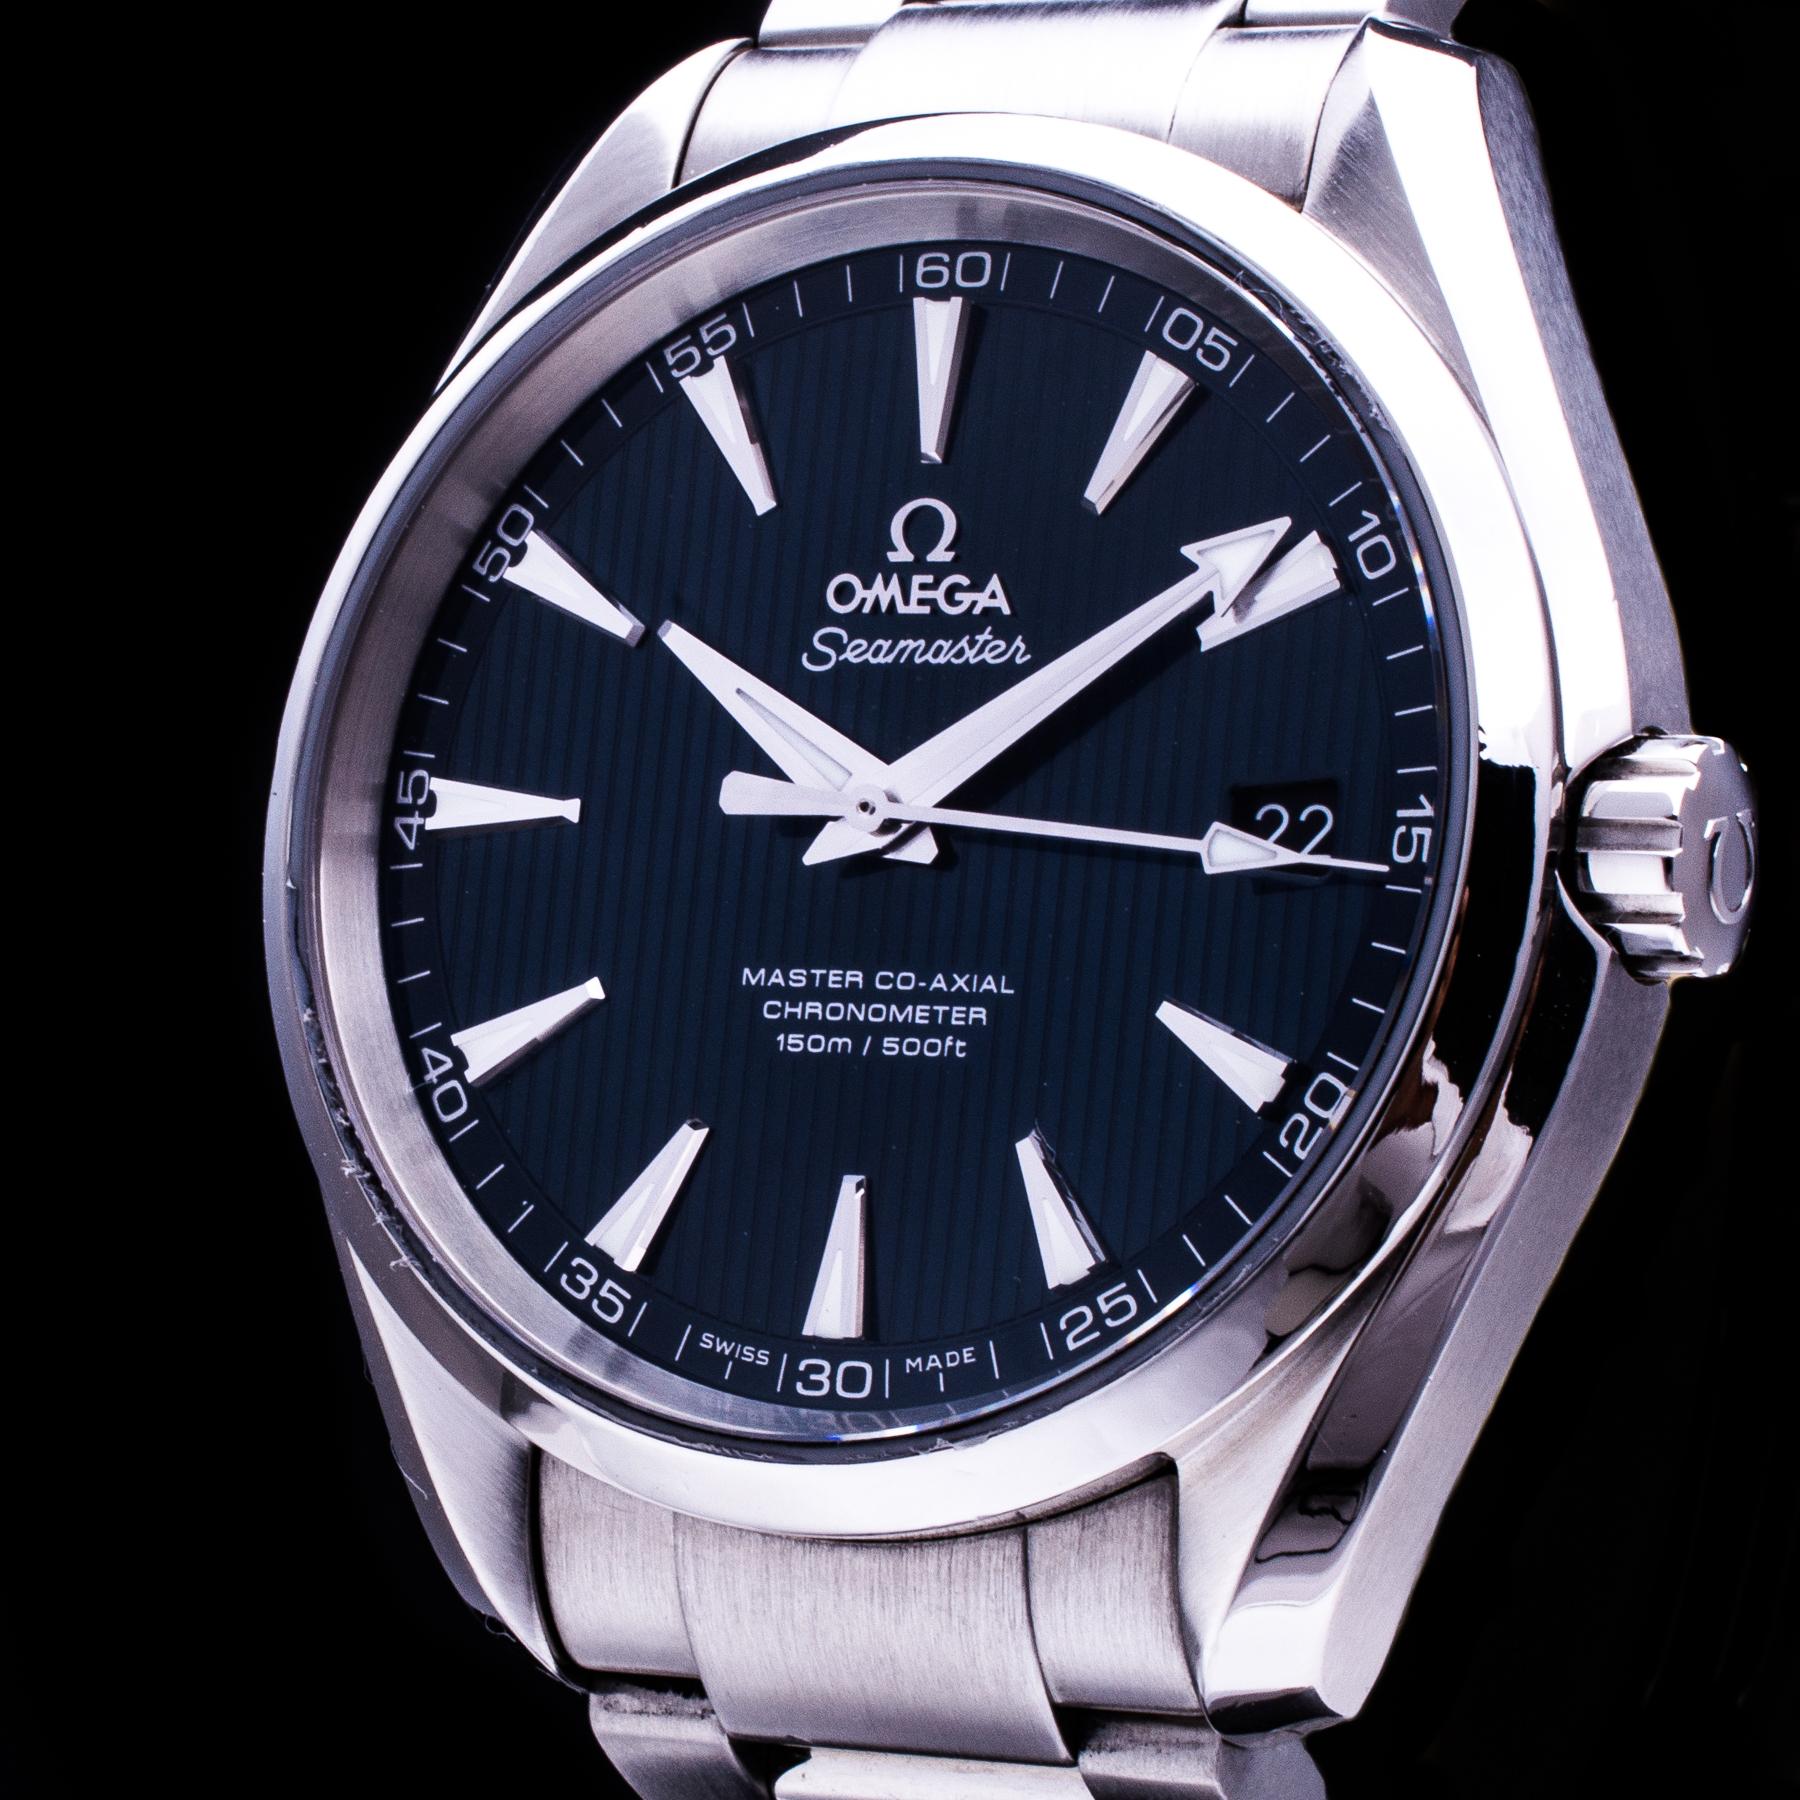 Seamaster Aqua Terra Master Co-Axial Automatic Date Herren